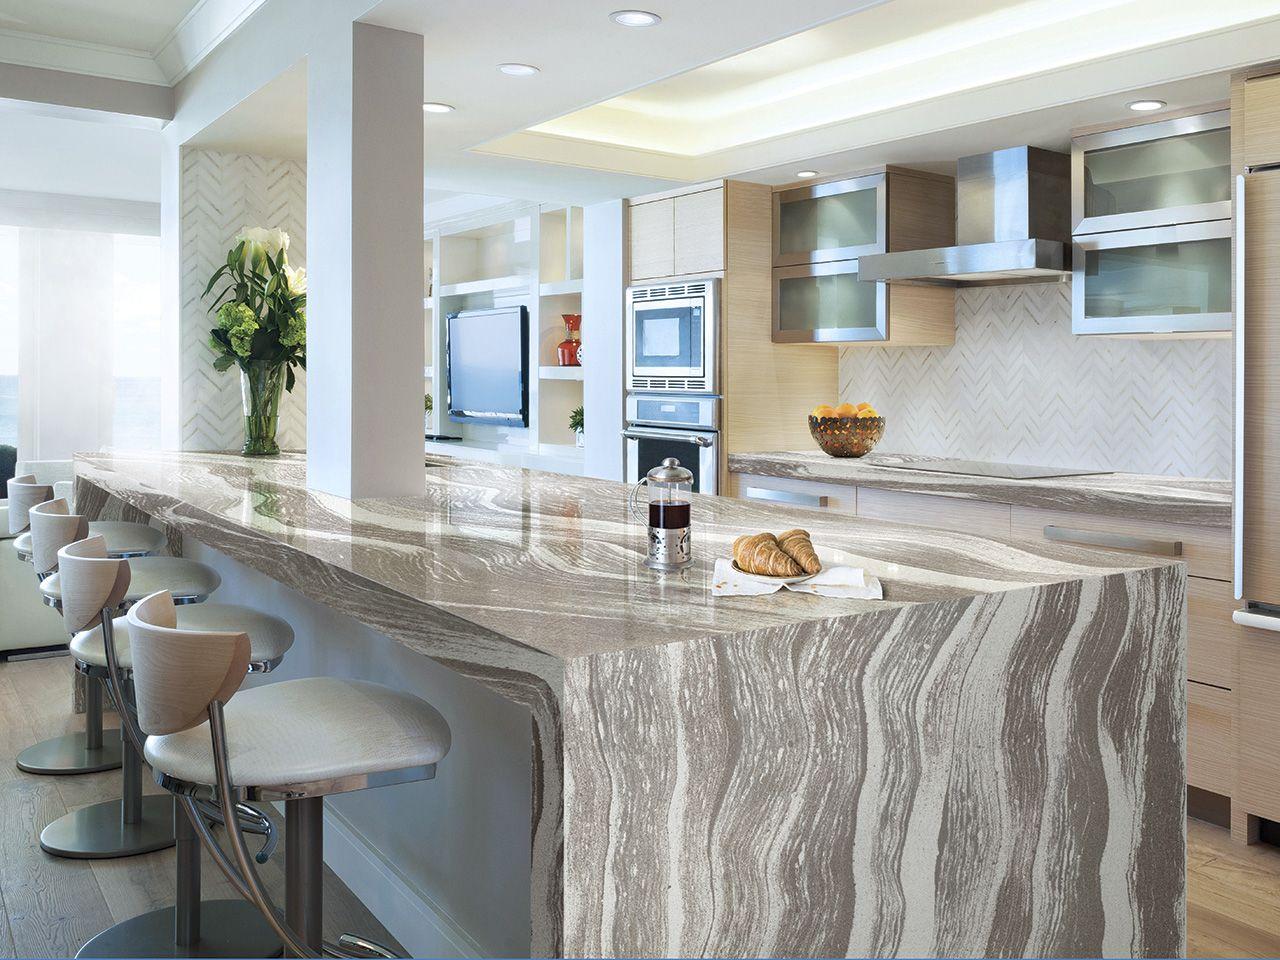 Oakmoor 1 Jpg 1 280 960 Pixels Countertops Kitchen Countertops Granite Kitchen Island